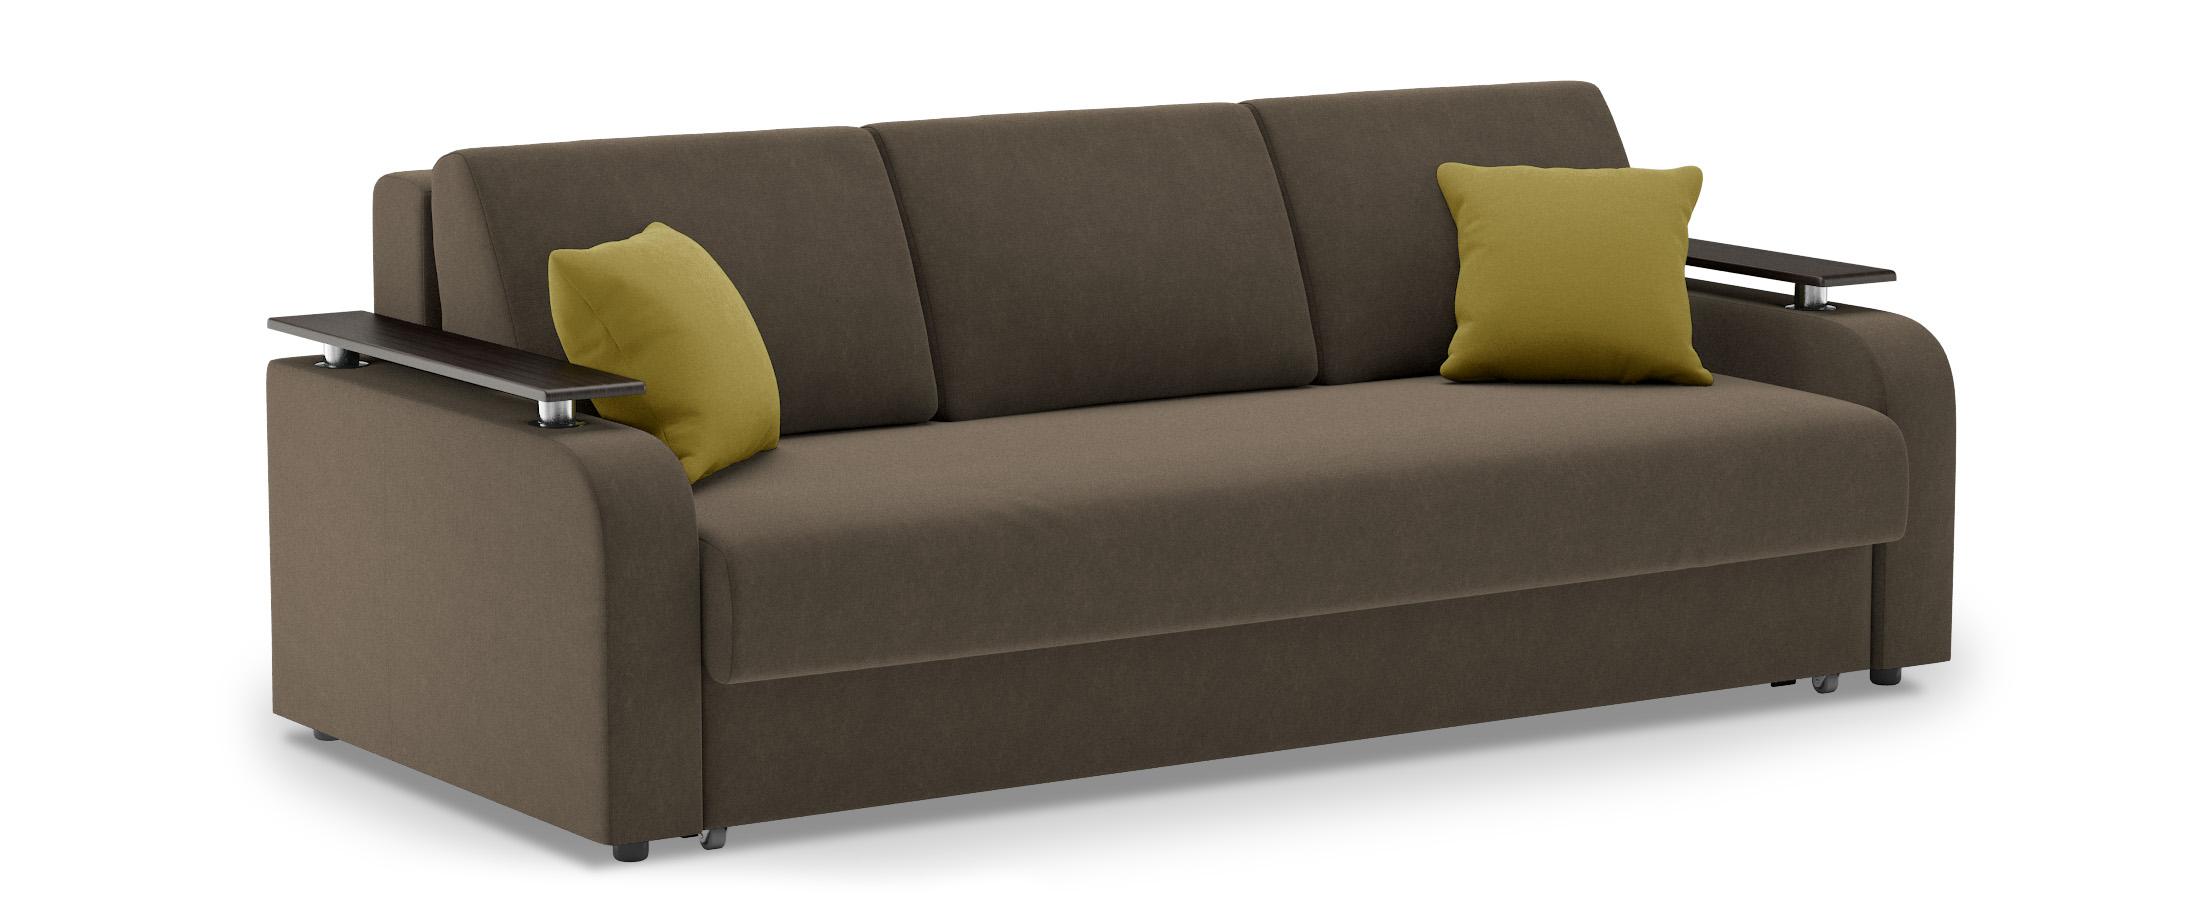 Диван прямой еврокнижка Марракеш 044Гостевой вариант и полноценное спальное место. Размеры 237х108х88 см. Купить коричневый диван еврокнижка в интернет-магазине MOON-TRADE.RU